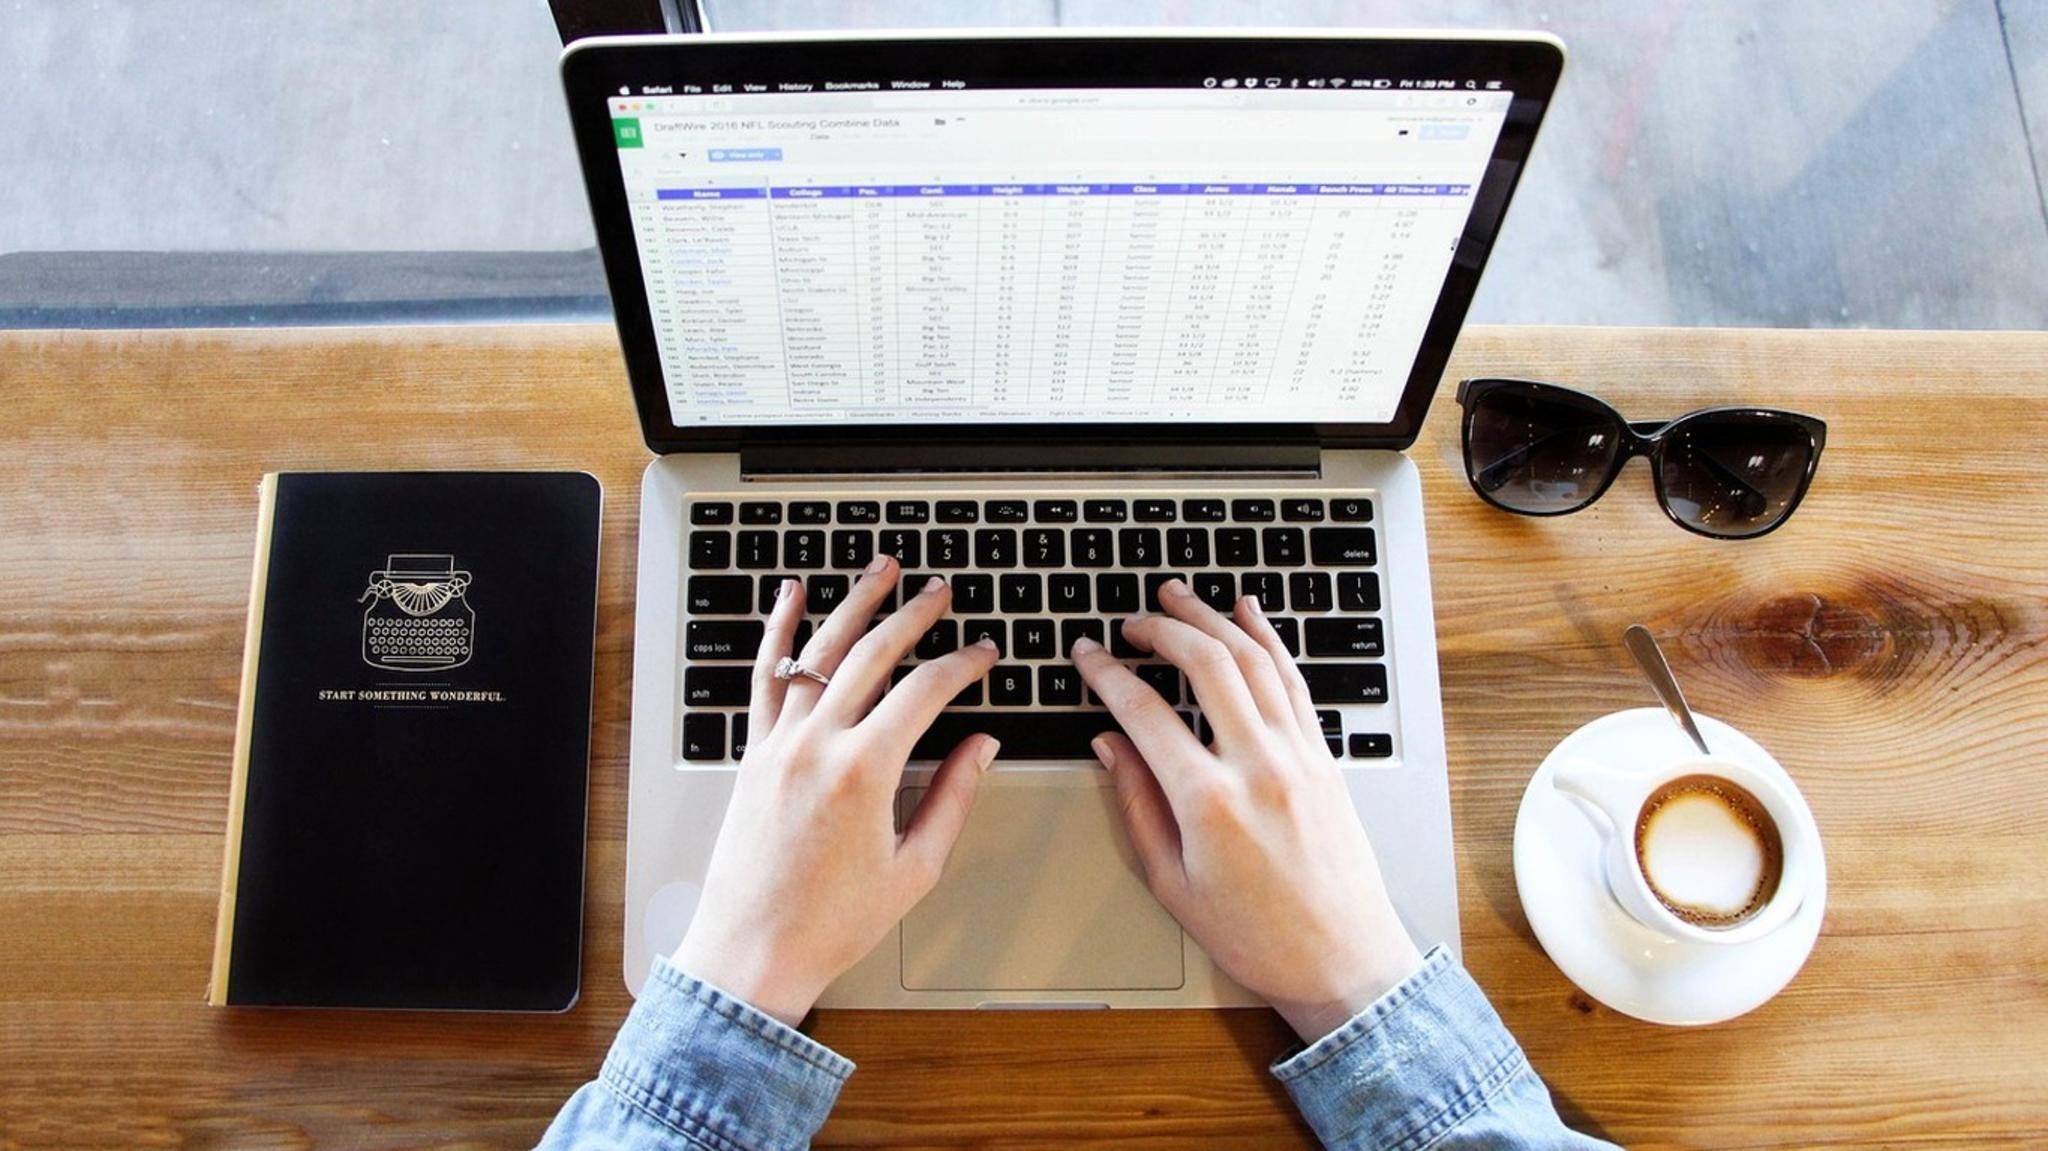 Du kannst Dir in Excel die Formeln für die Berechnung eines Ergebnisses anzeigen lassen.